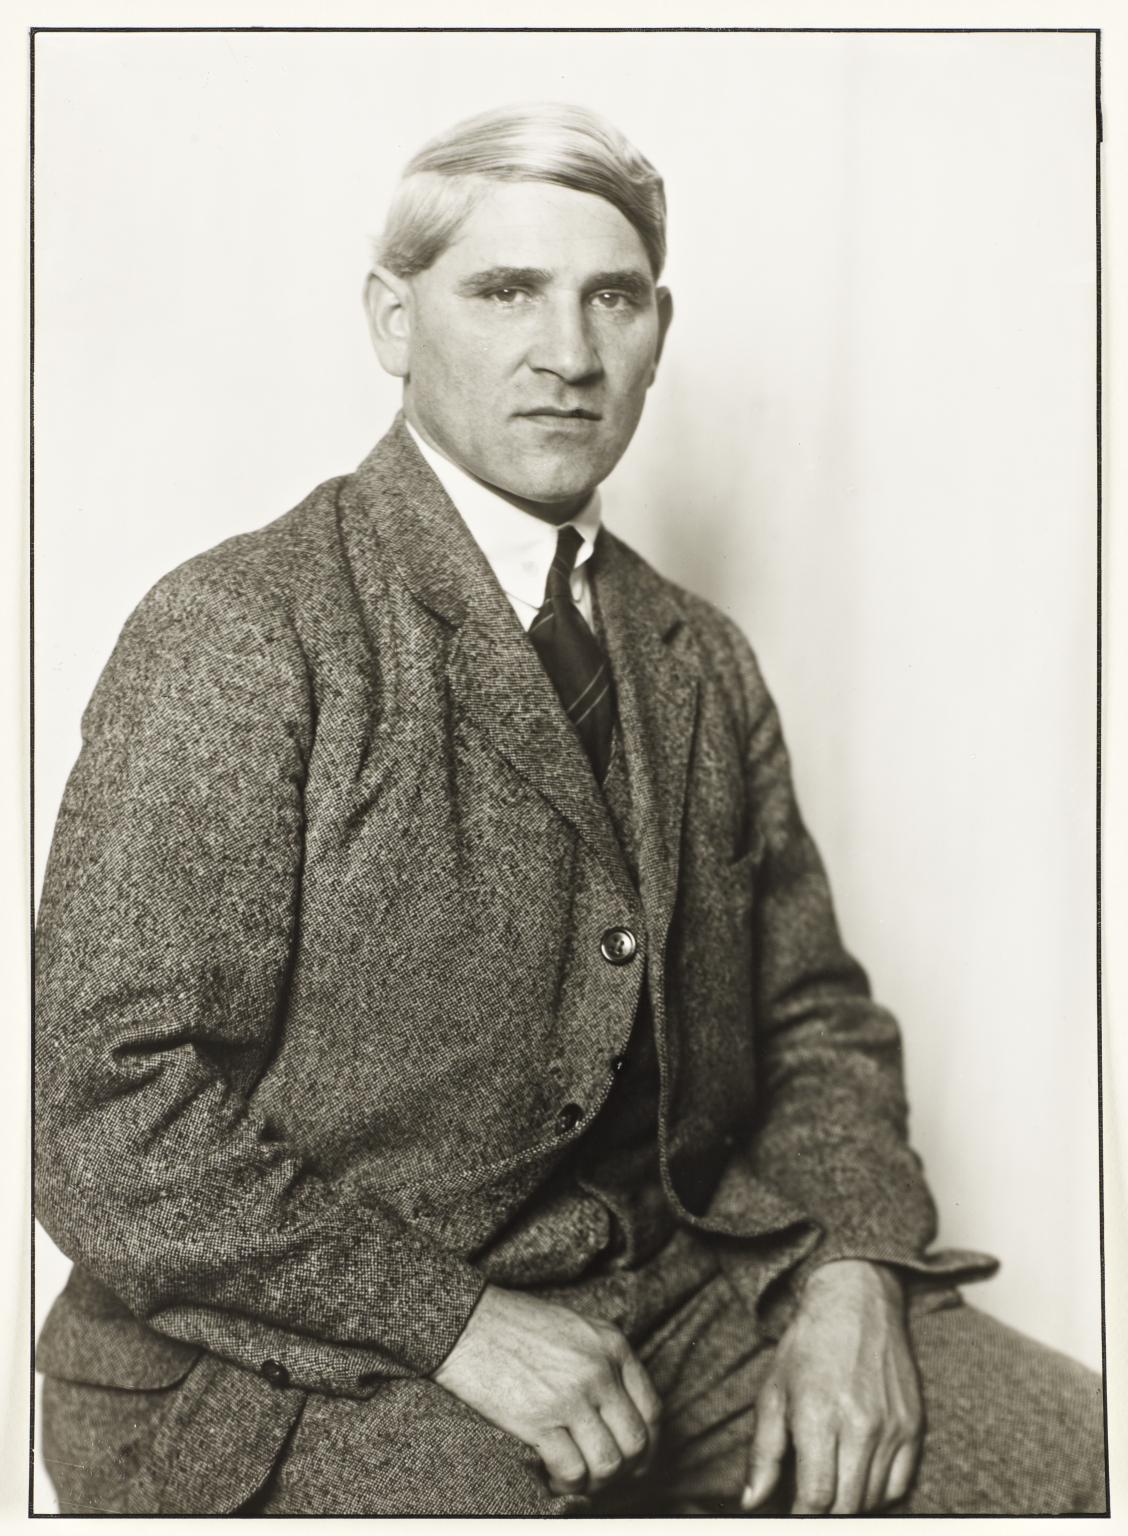 August Sander, Ritratto di Otto Freundlich (1925 circa; fotografia alla gelatina d'argento su carta, 26 x 18 cm; Londra, Tate Modern)